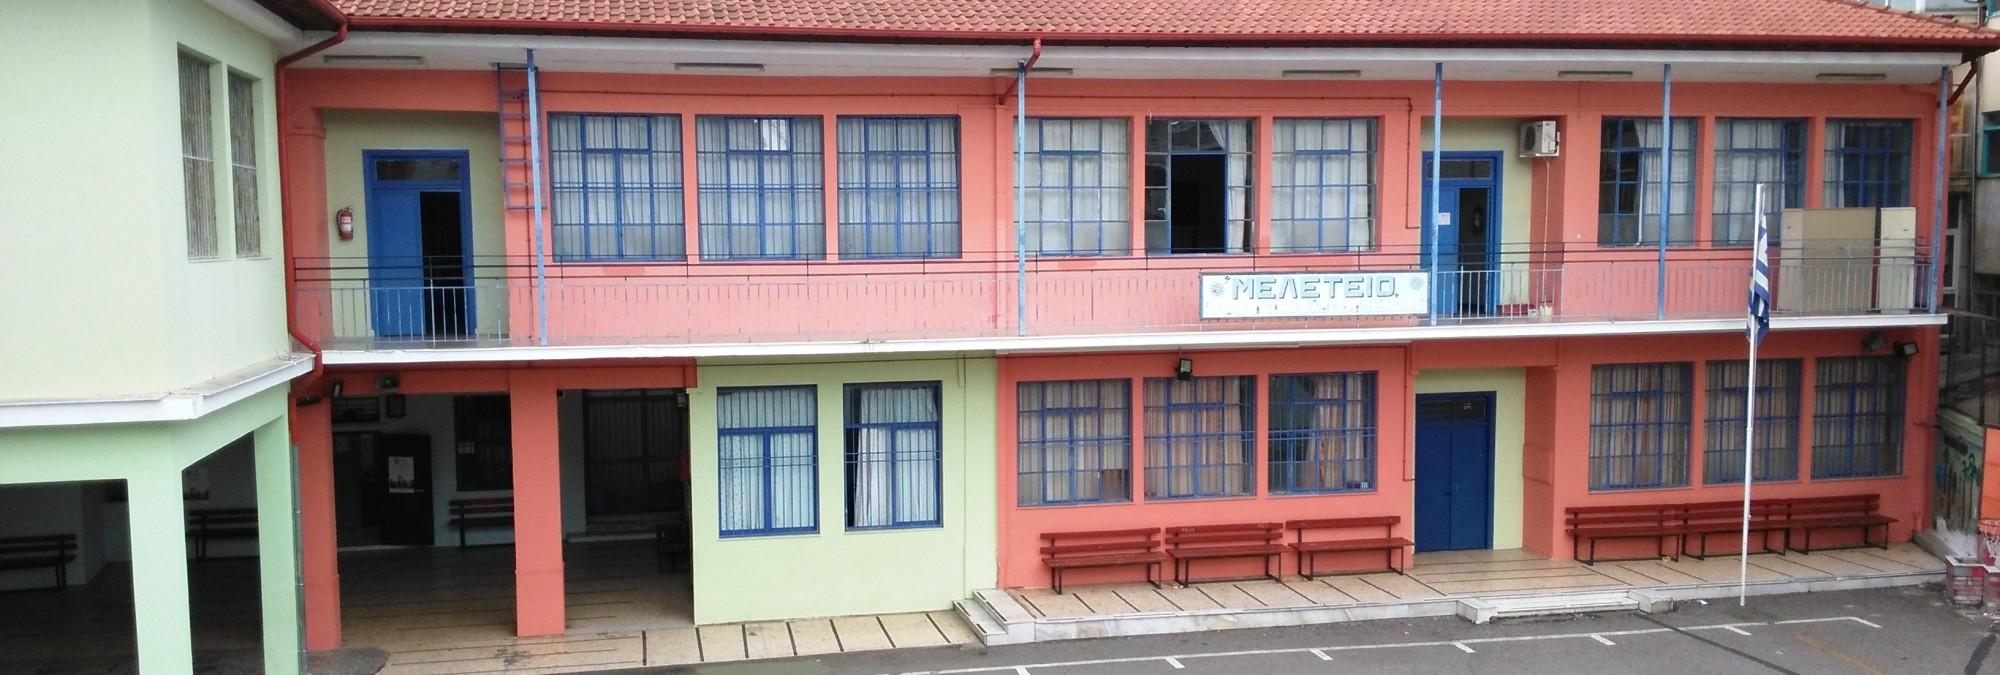 2ο Δημοτικό Σχολείο Βέροιας – Μελέτειο